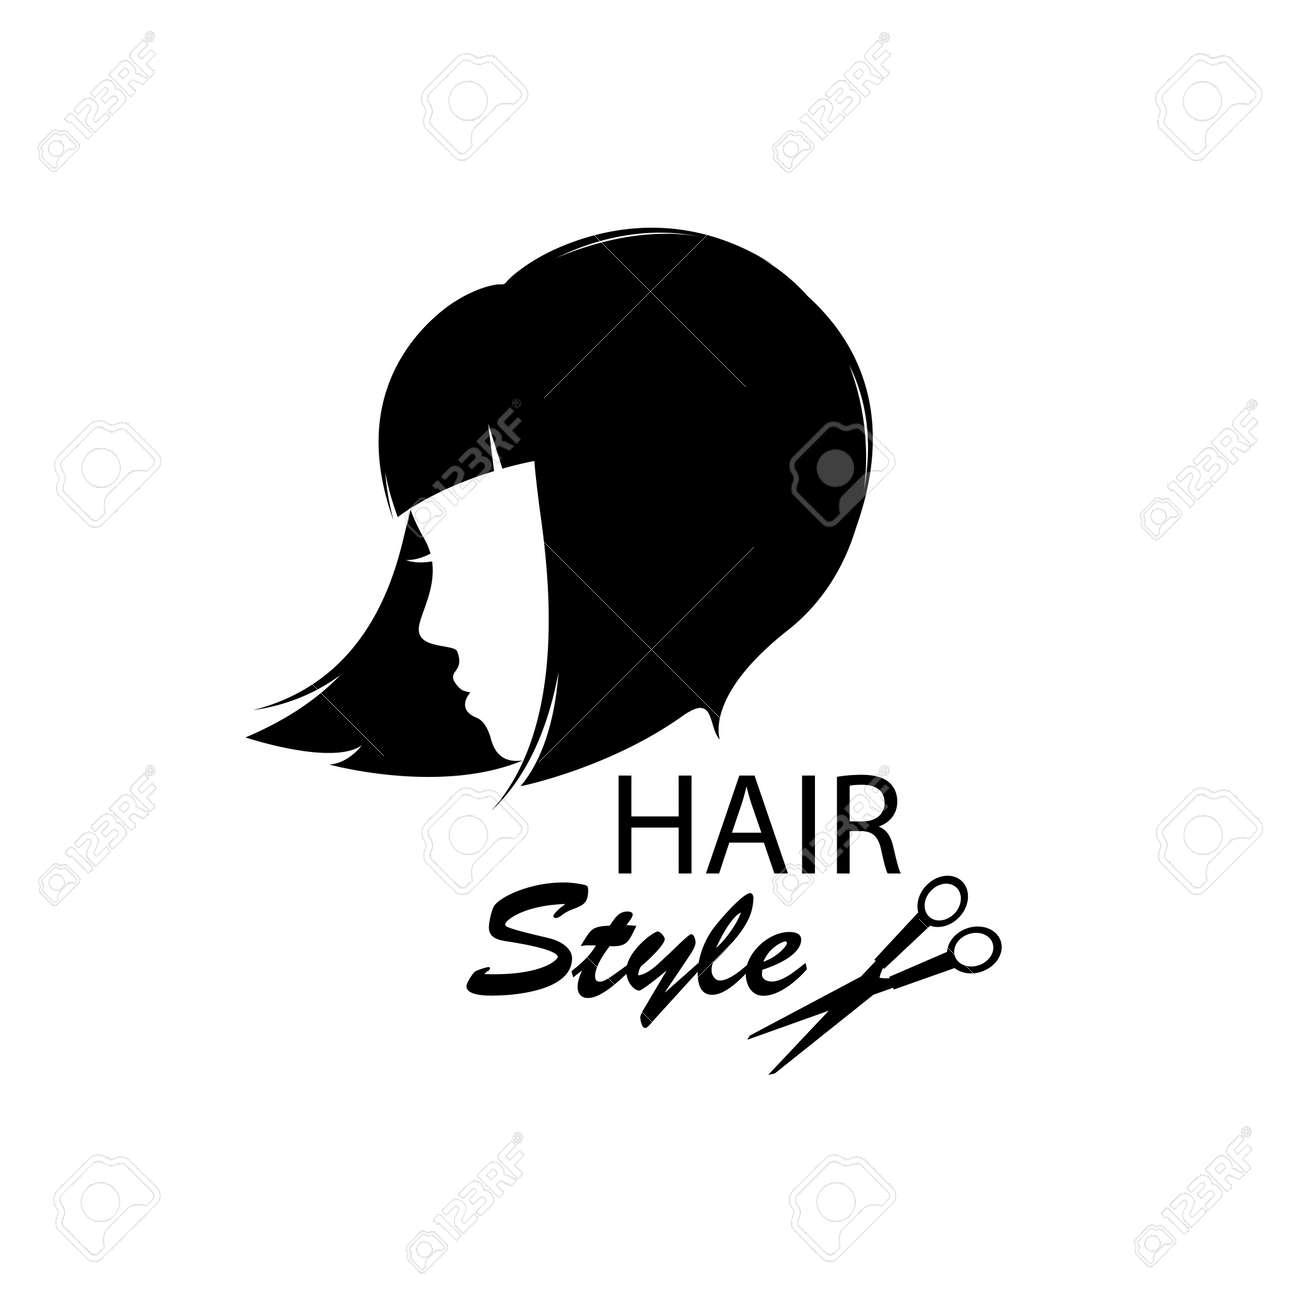 Léments De Conception Pour Salon De Coiffure Femmes Coiffure Noir Et